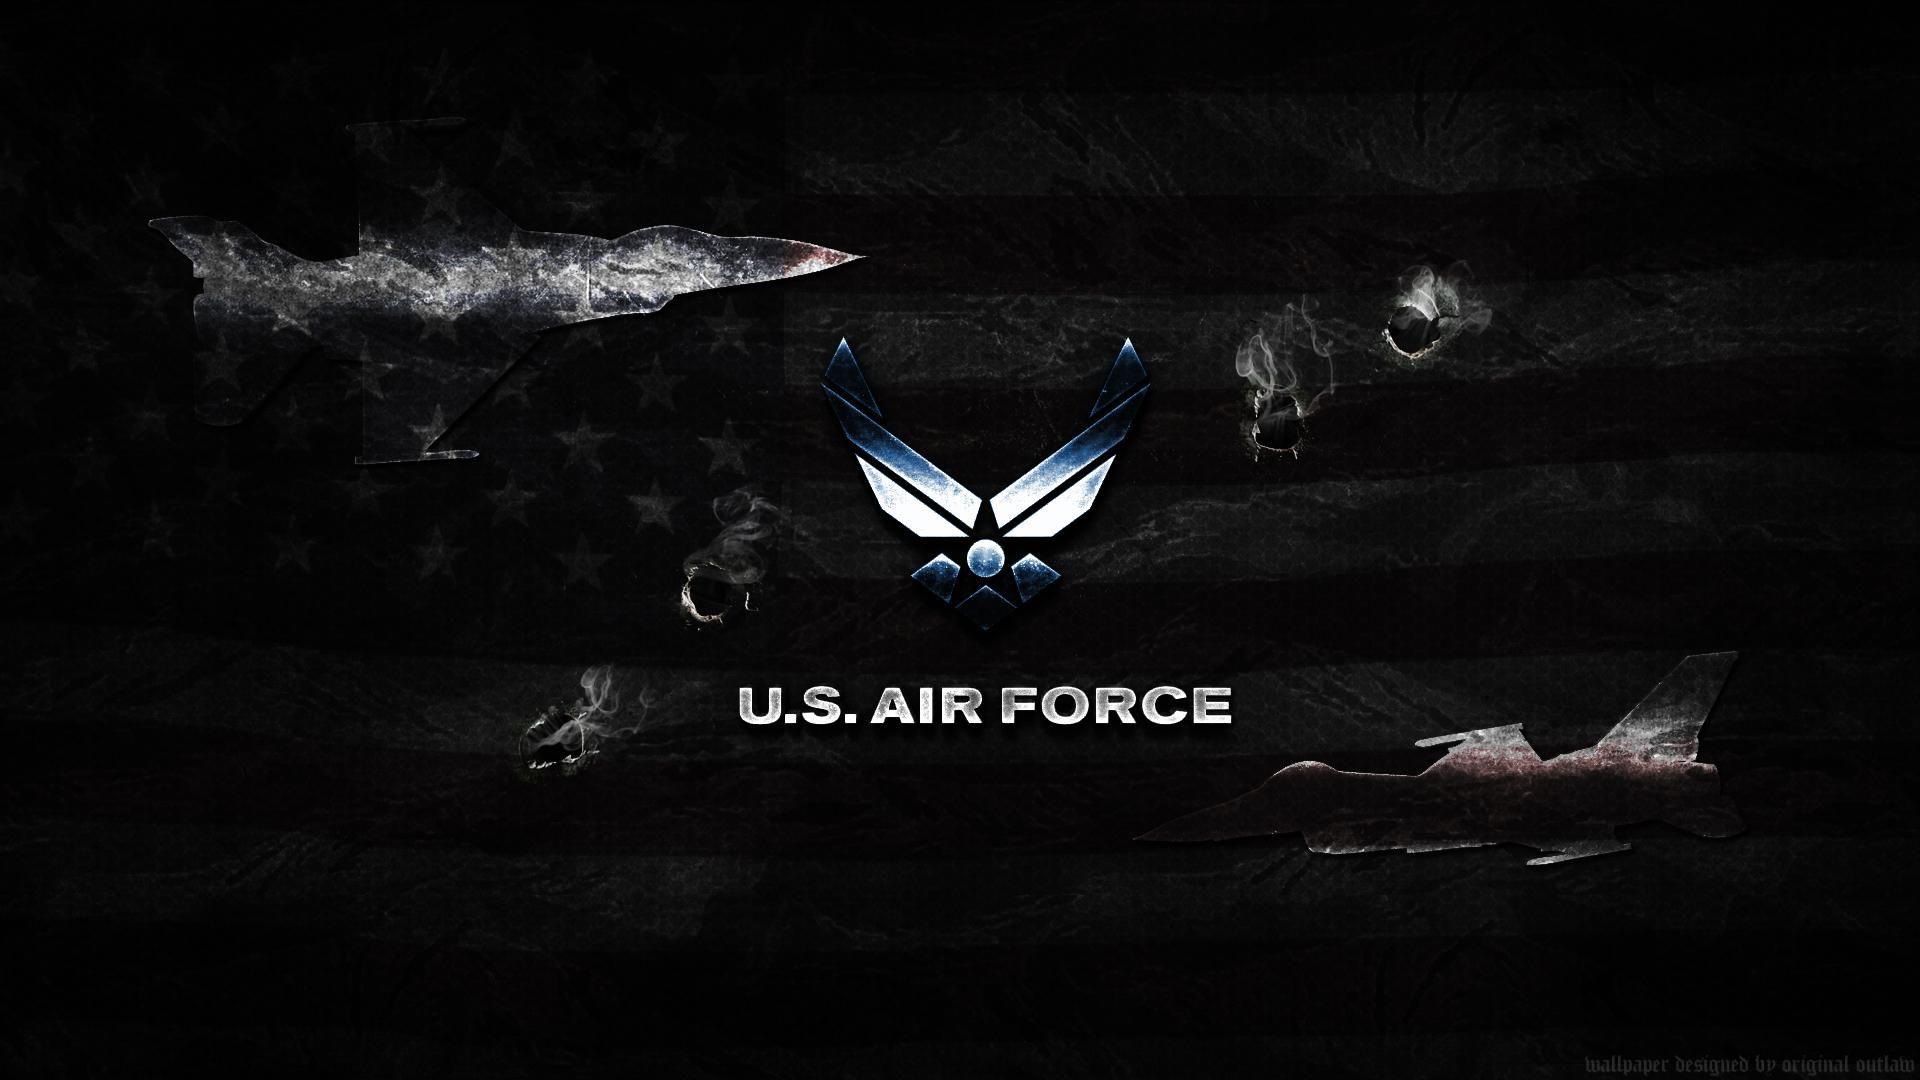 Air Force Wallpapers - Wallpapercraft